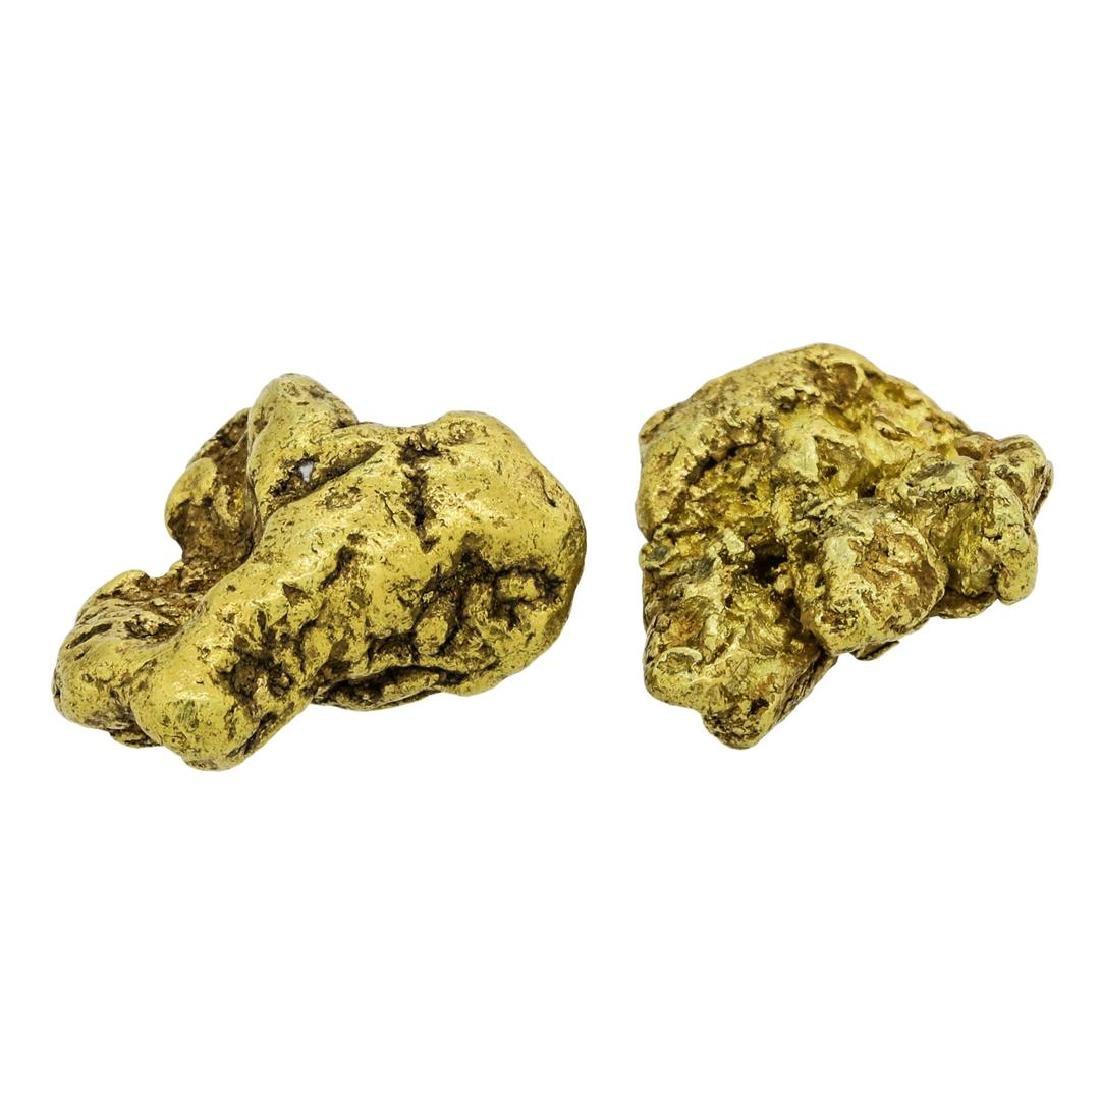 Lot of (2) Alaskan Gold Nuggets 10.45 Grams